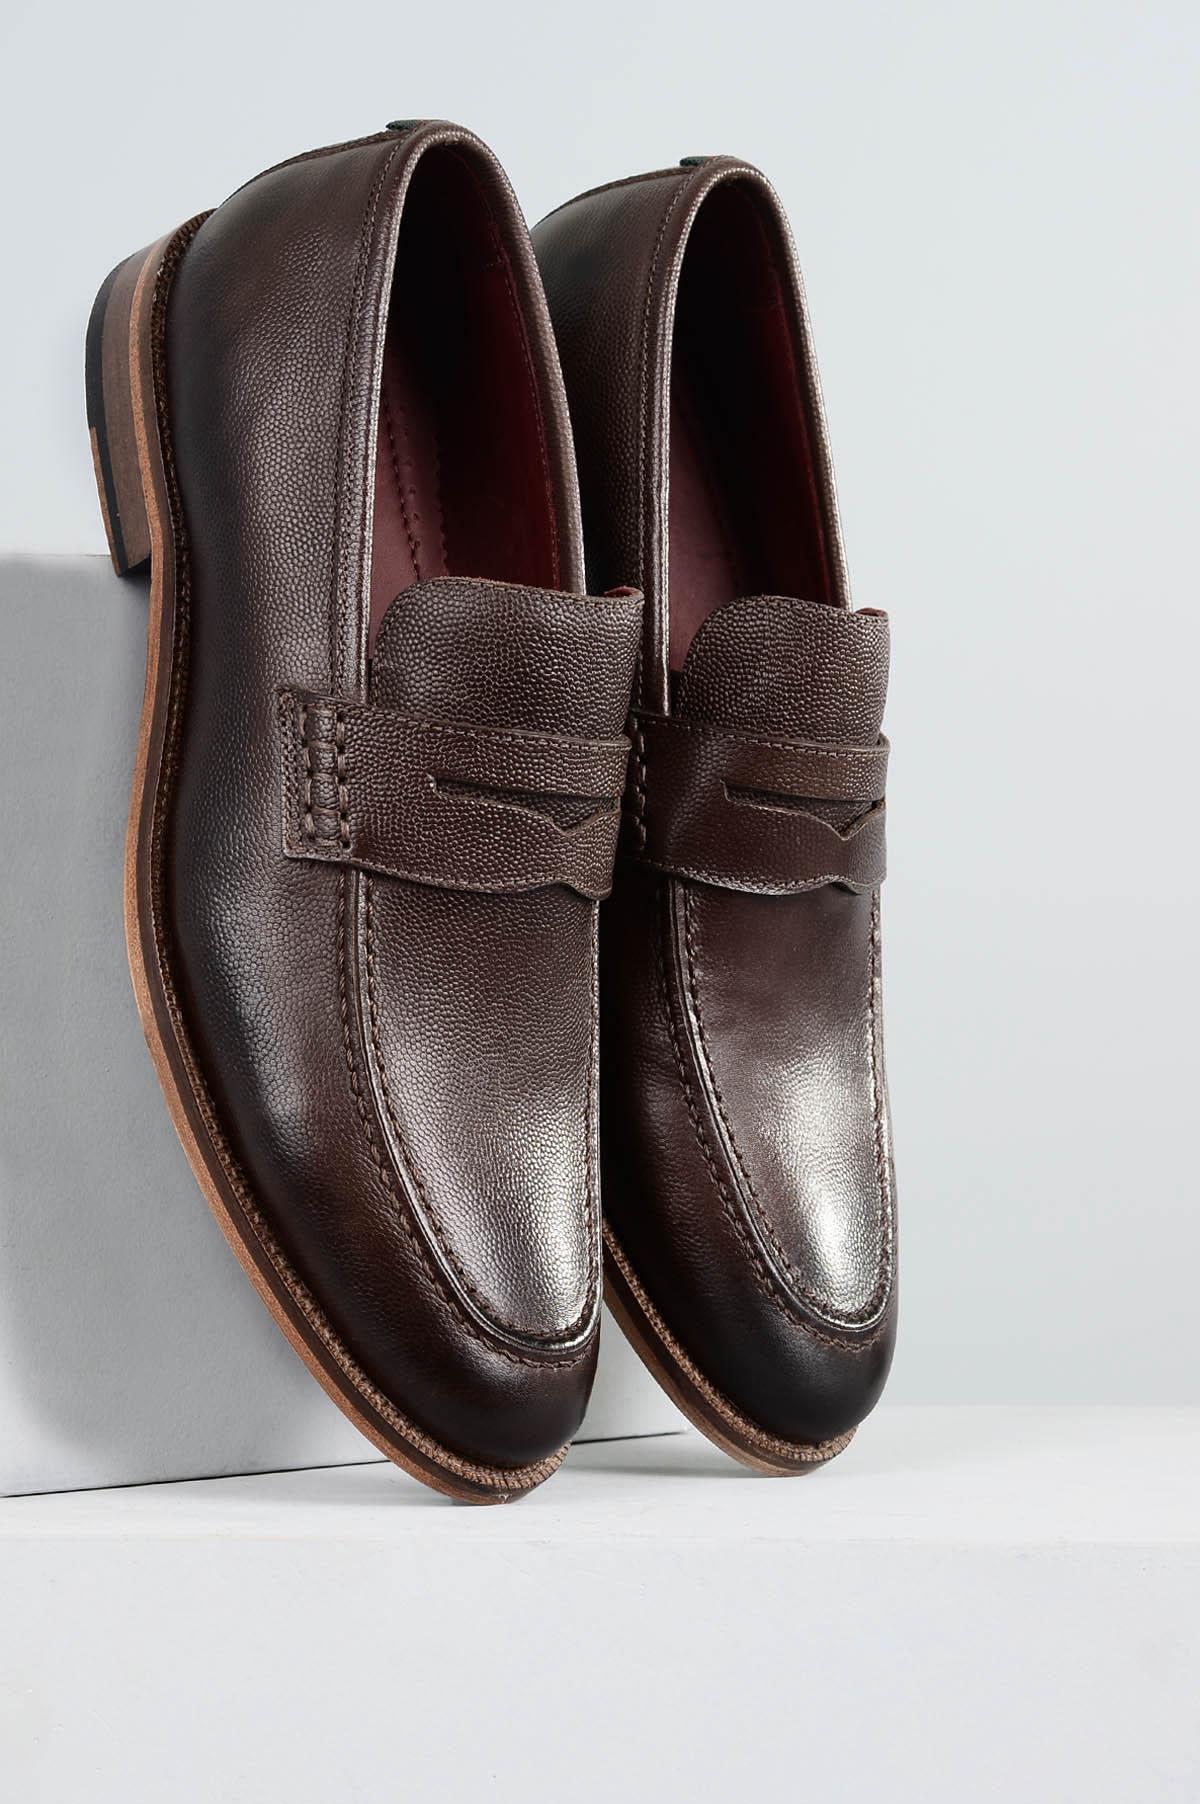 d53f0f6a6f Sapato Masculino Rodrigo Mundial CR - CAFE - Mundial Calçados